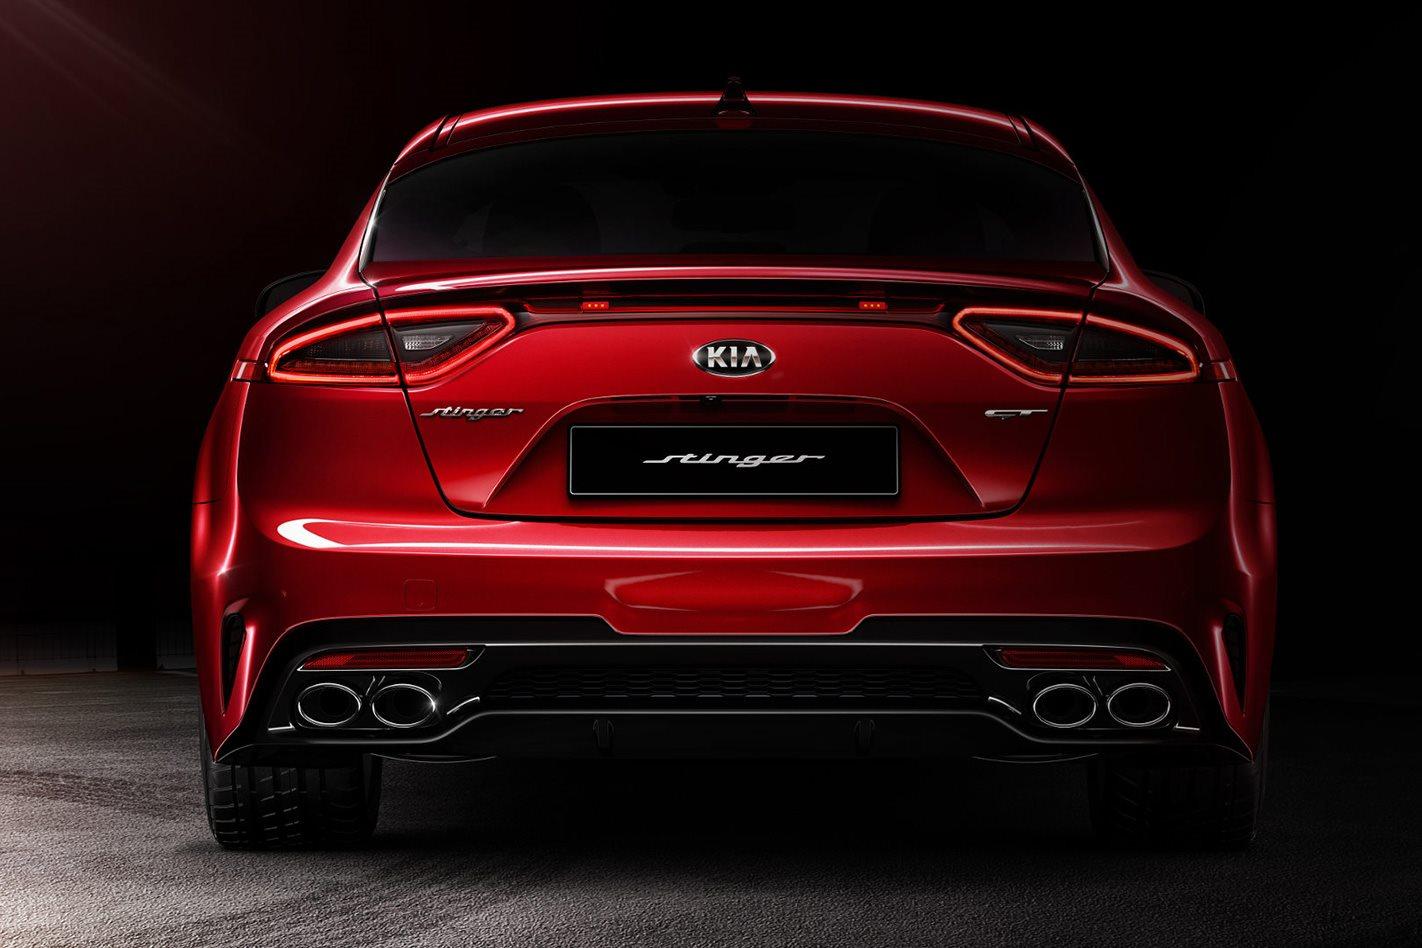 2018-Kia-Stinger-GT-rear.jpg